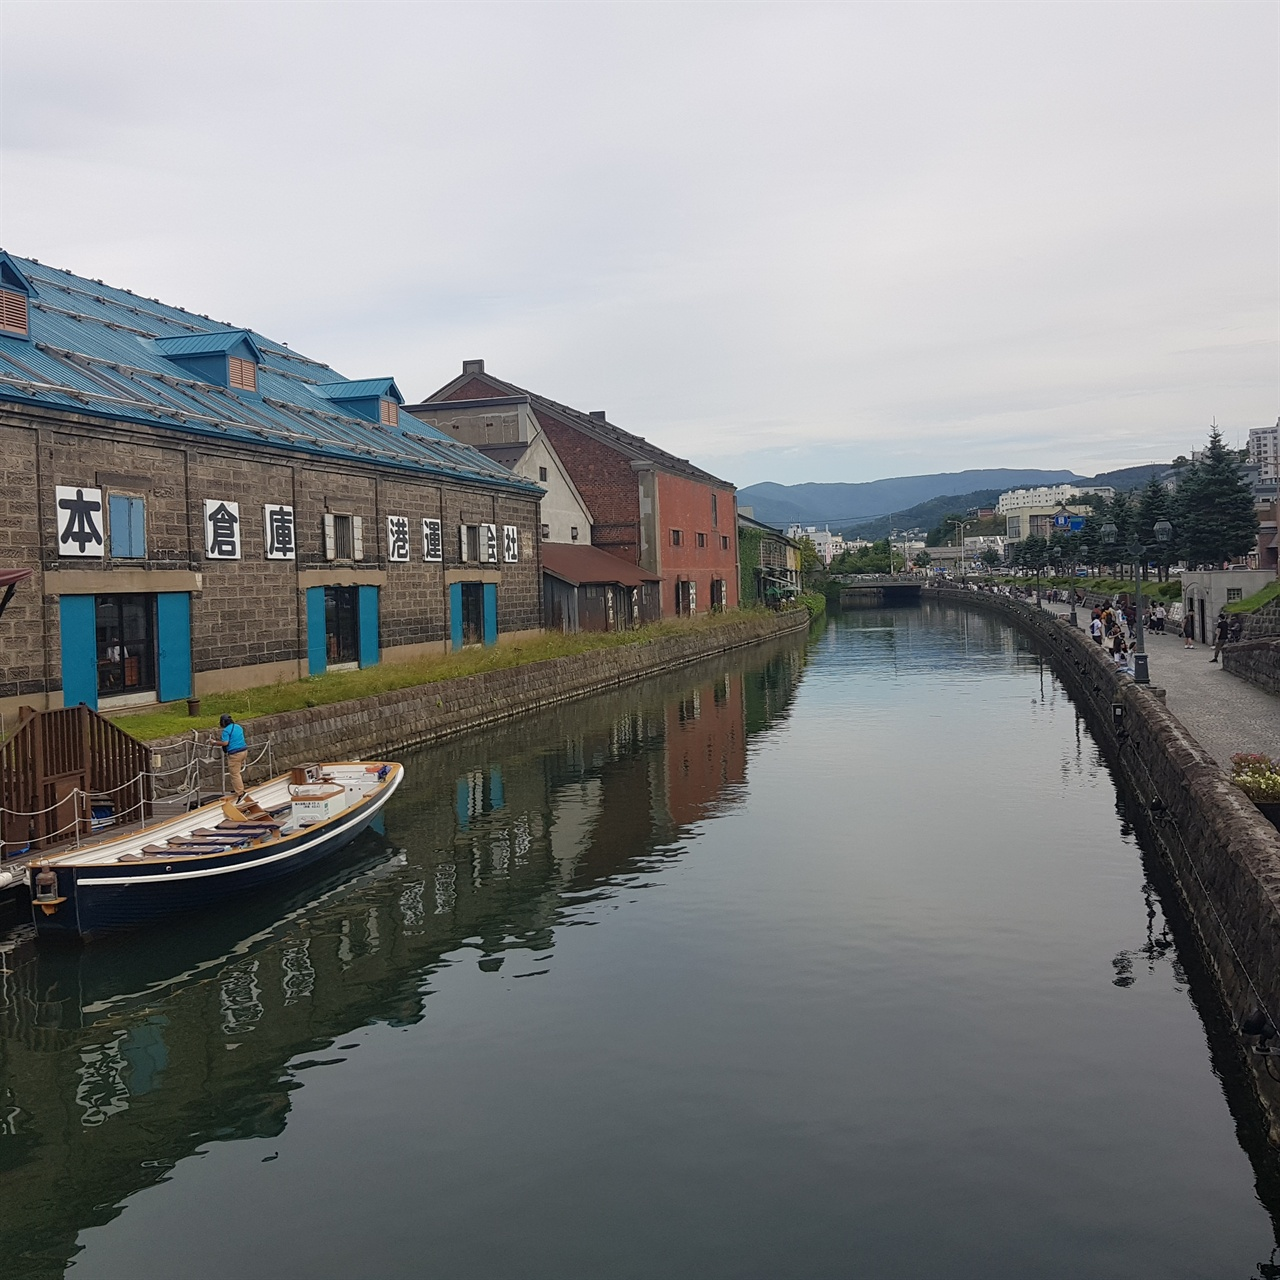 관광지로 유명한 홋카이도 오타루 운하, 오타루는 강제동원 조선인들이 첫 발을 디뎠던 비극적인 역사를 간직한 항구다